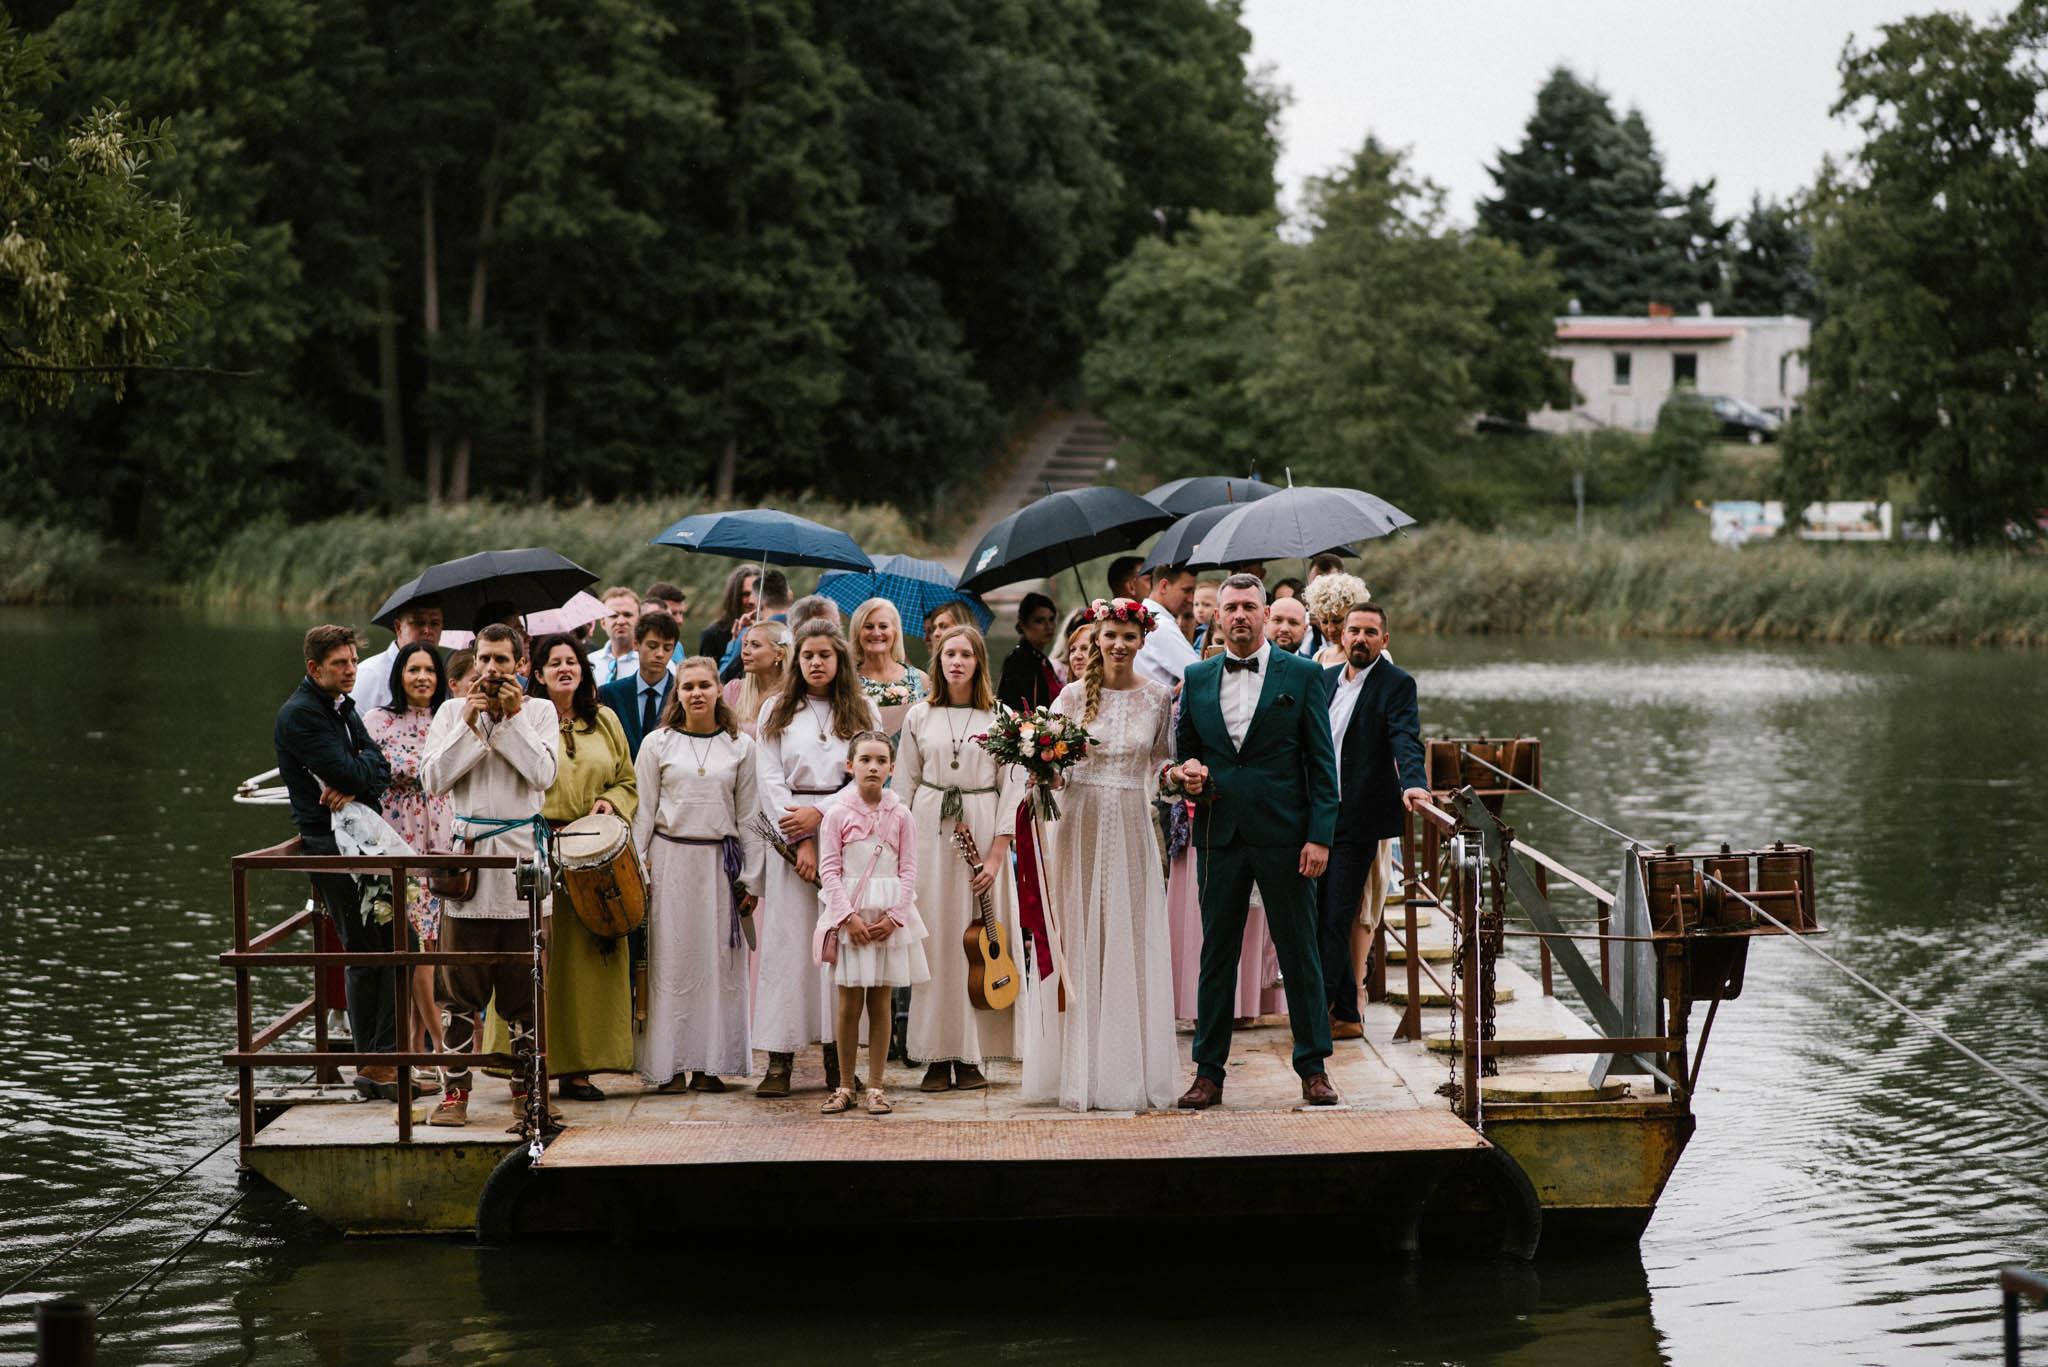 Prom z gośćmi dobija do brzegu - sesja ślubna na Wyspie Św. Edwarda Zaniemyśl